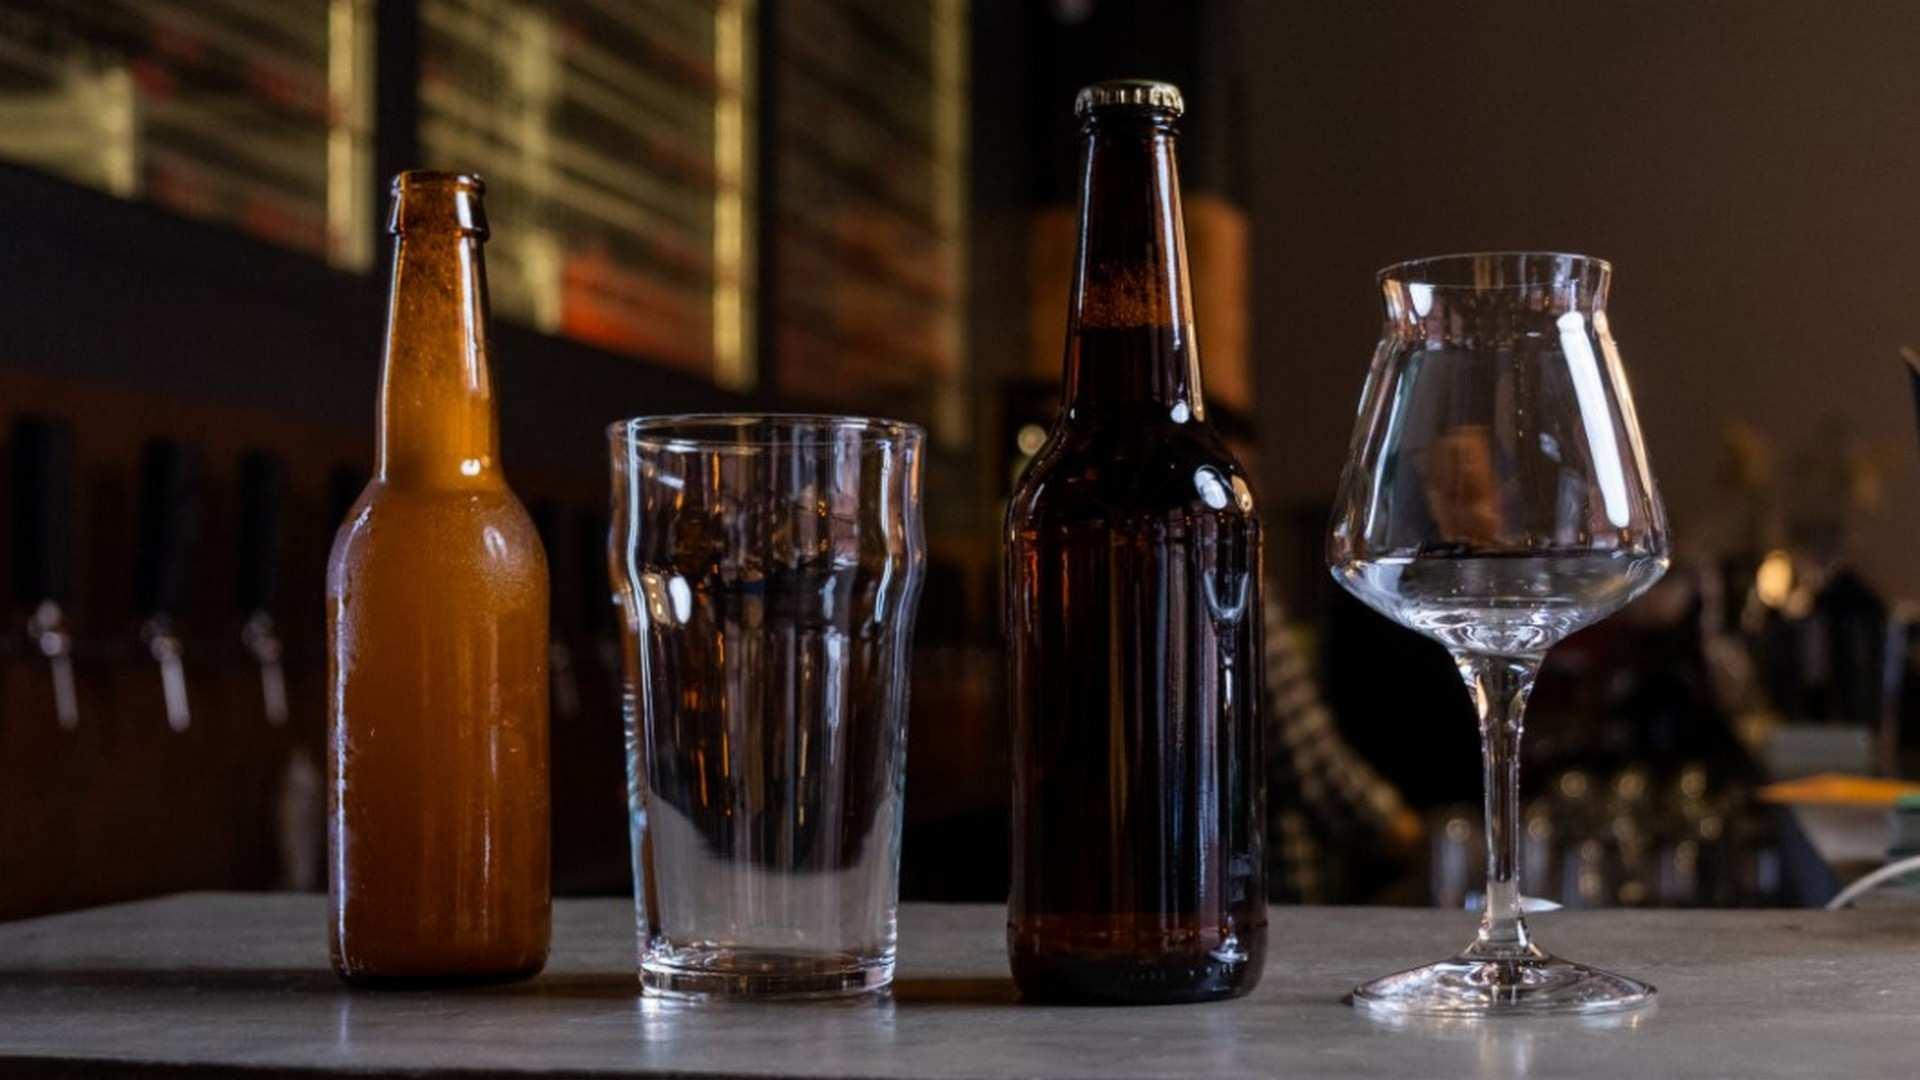 Los estilos de cerveza: qué son y porque es necesario definirlos